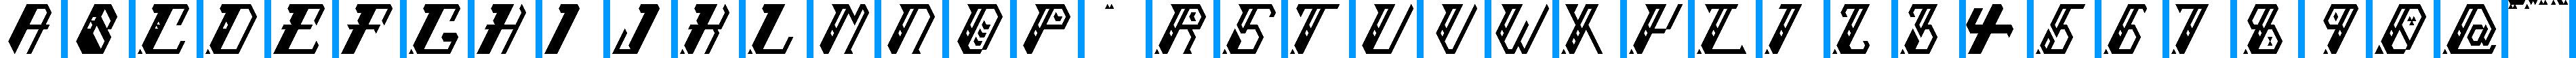 Particip-a-type v.295